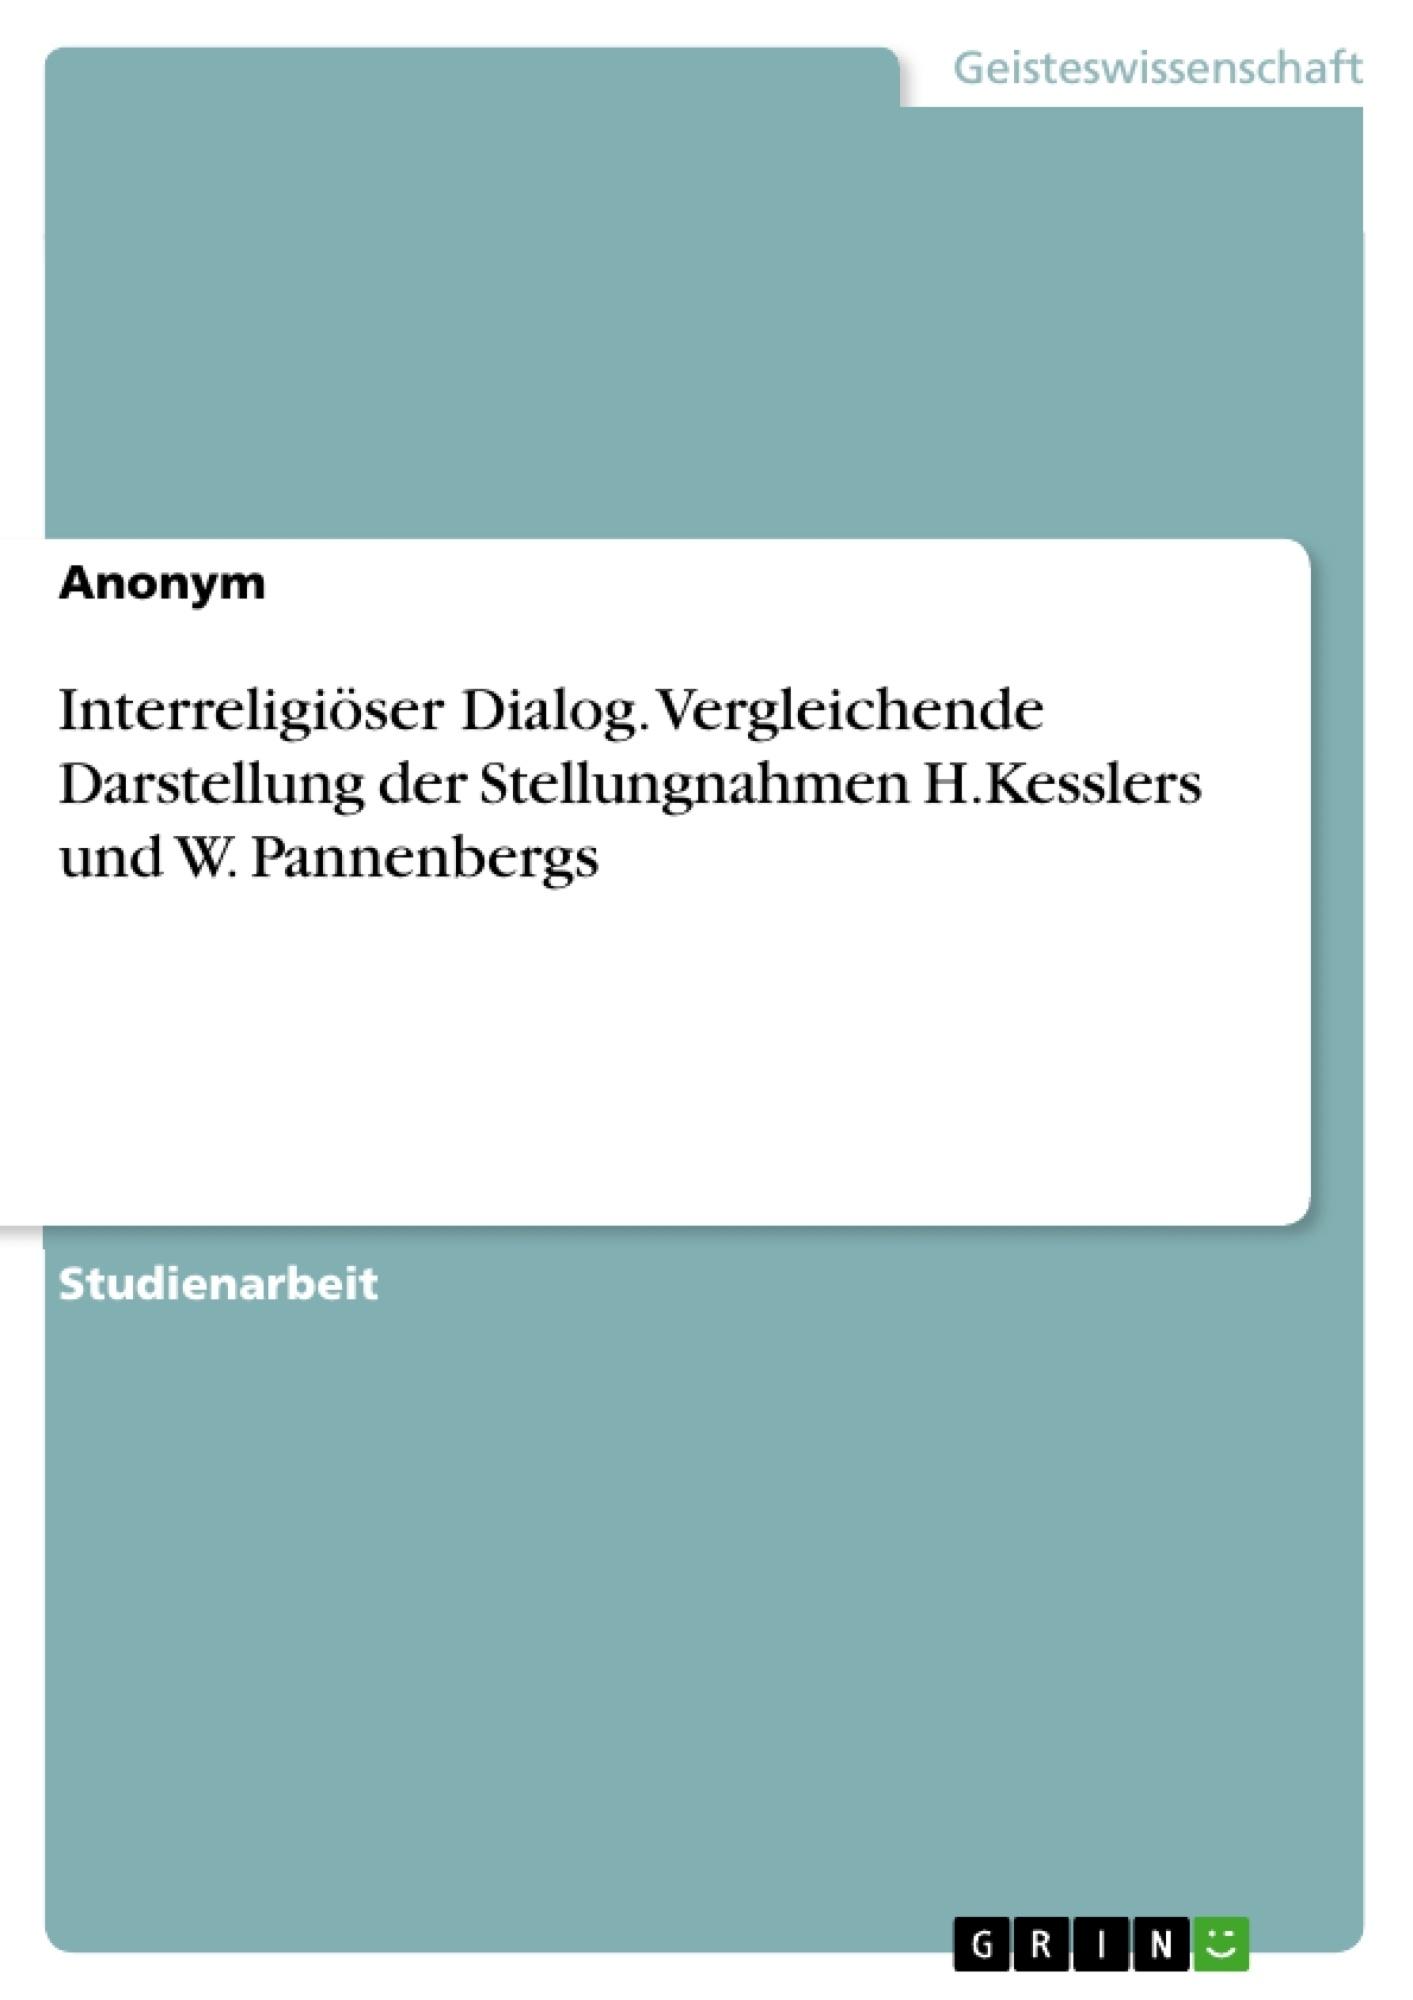 Titel: Interreligiöser Dialog. Vergleichende Darstellung der Stellungnahmen H.Kesslers und W. Pannenbergs